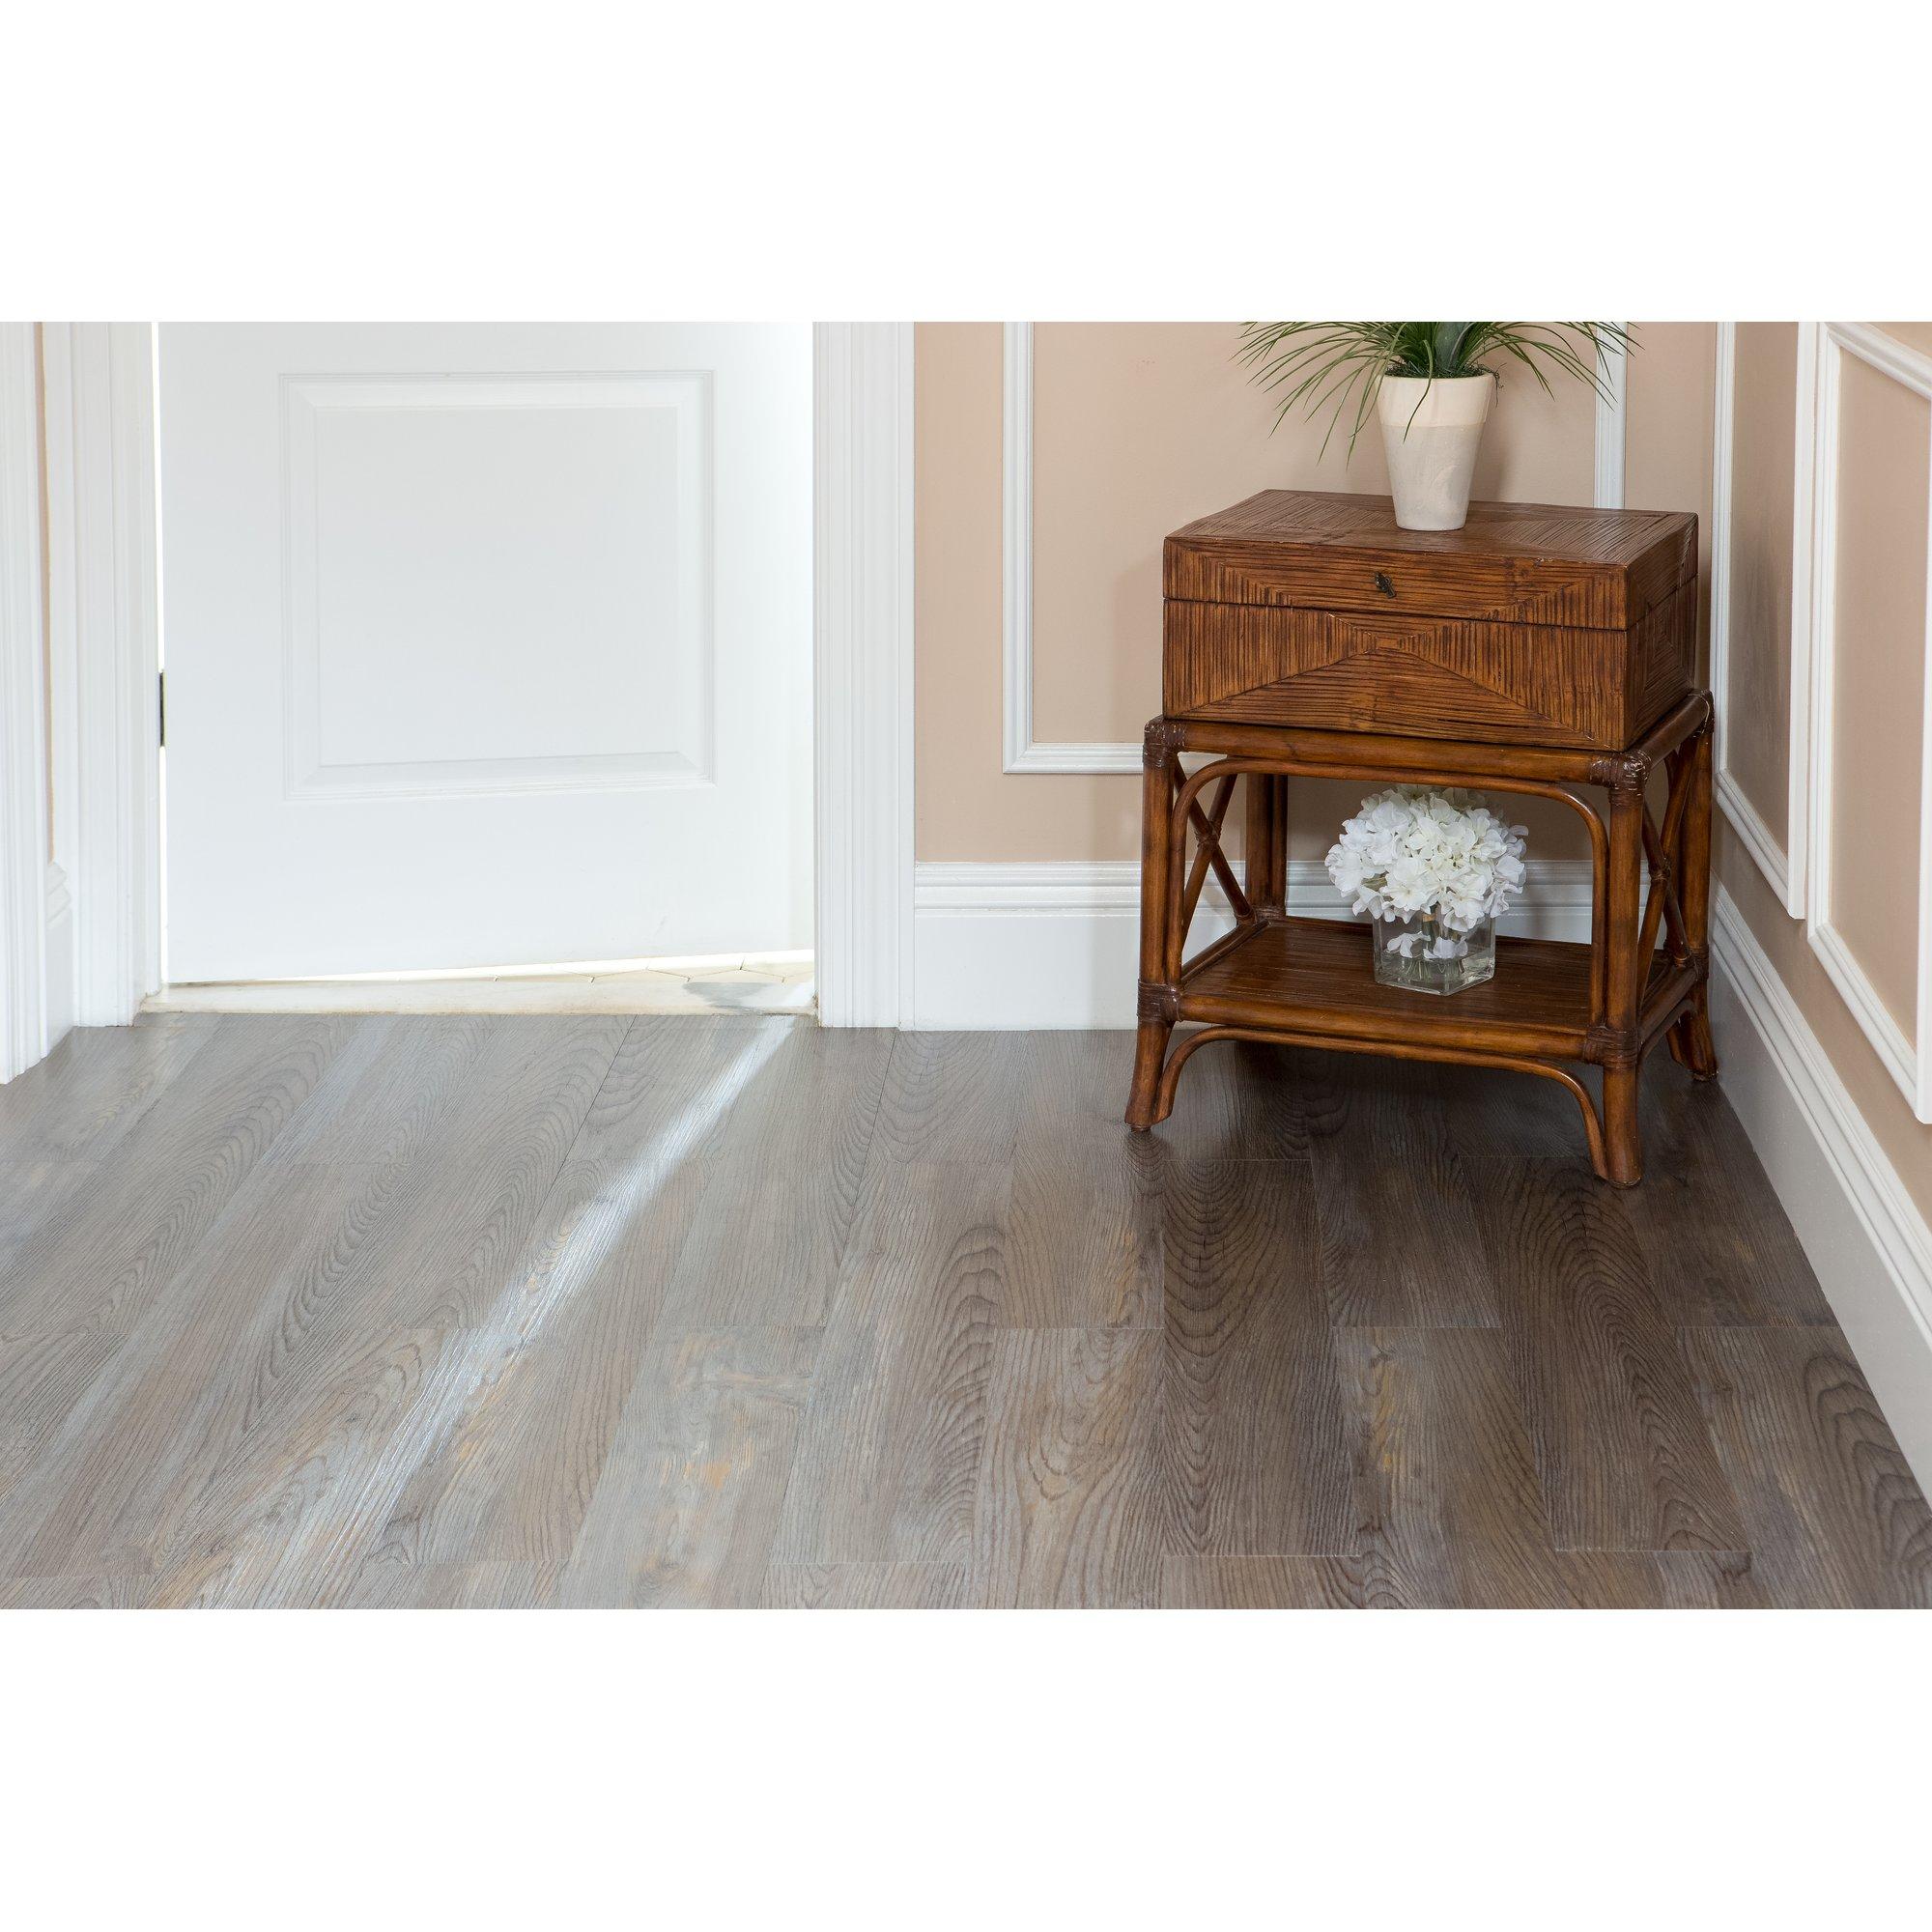 Self adhesive vinyl planks hardwood wood peel n stick floor tiles self adhesive vinyl planks hardwood wood peel 039 dailygadgetfo Images